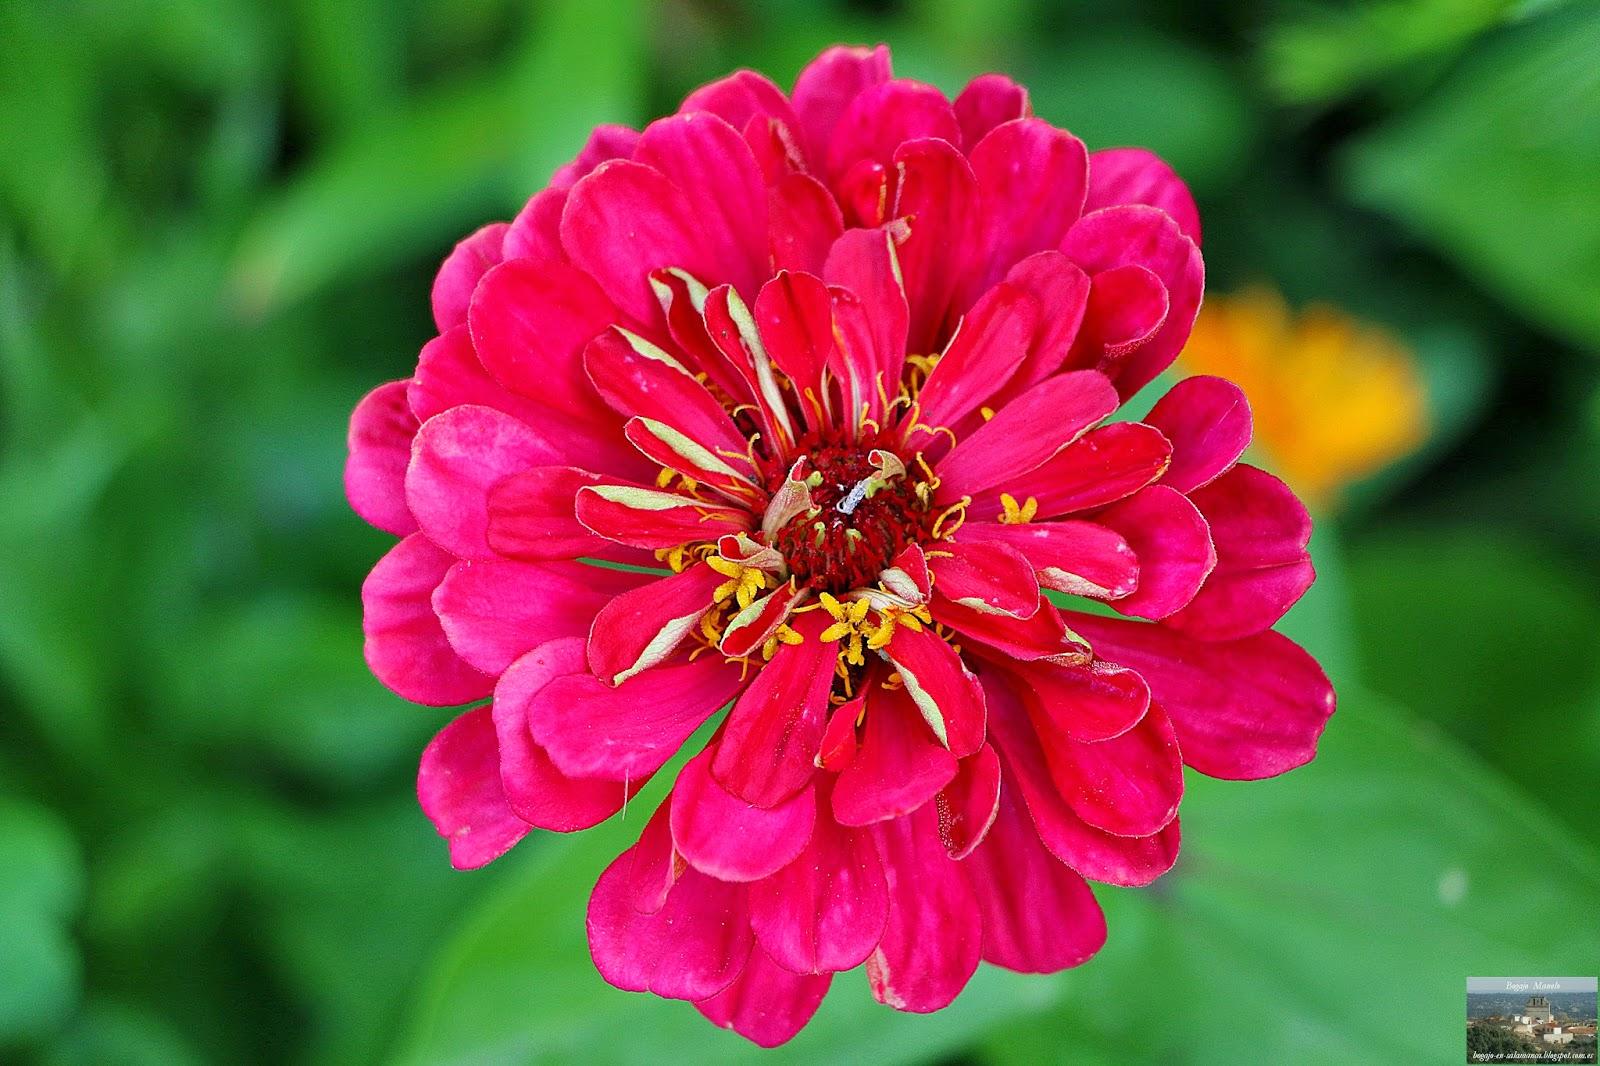 LAS 100 FLORES MÁS BELLAS Mi Jardín - Imagenes De Flores Blancas Y Rojas